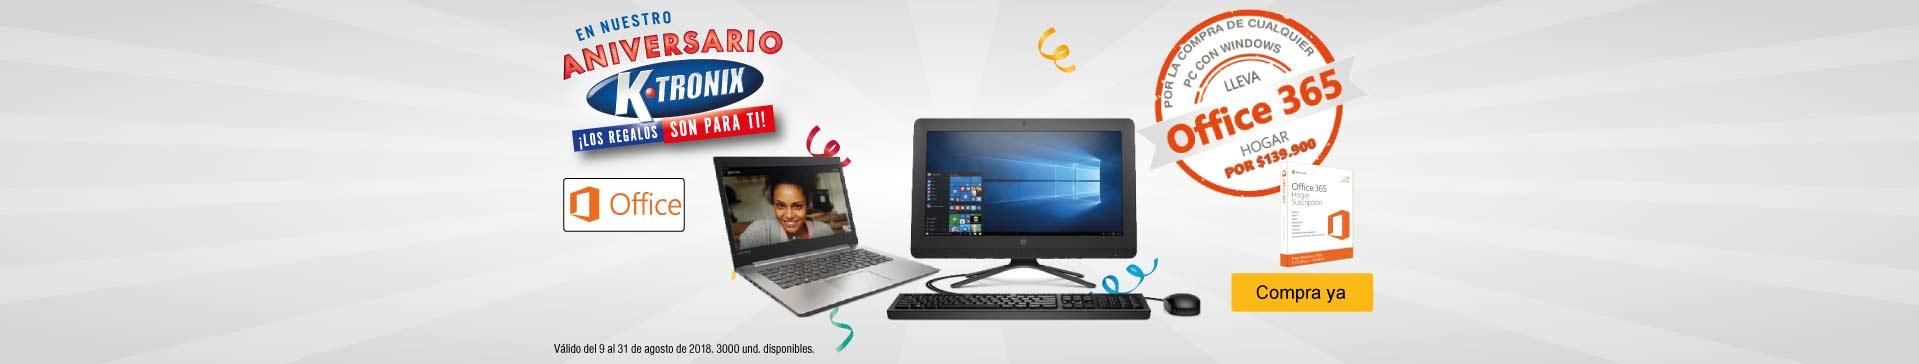 KT-BCAT-7-computadores y tablets-portatiles-PP-office-compu-agos15